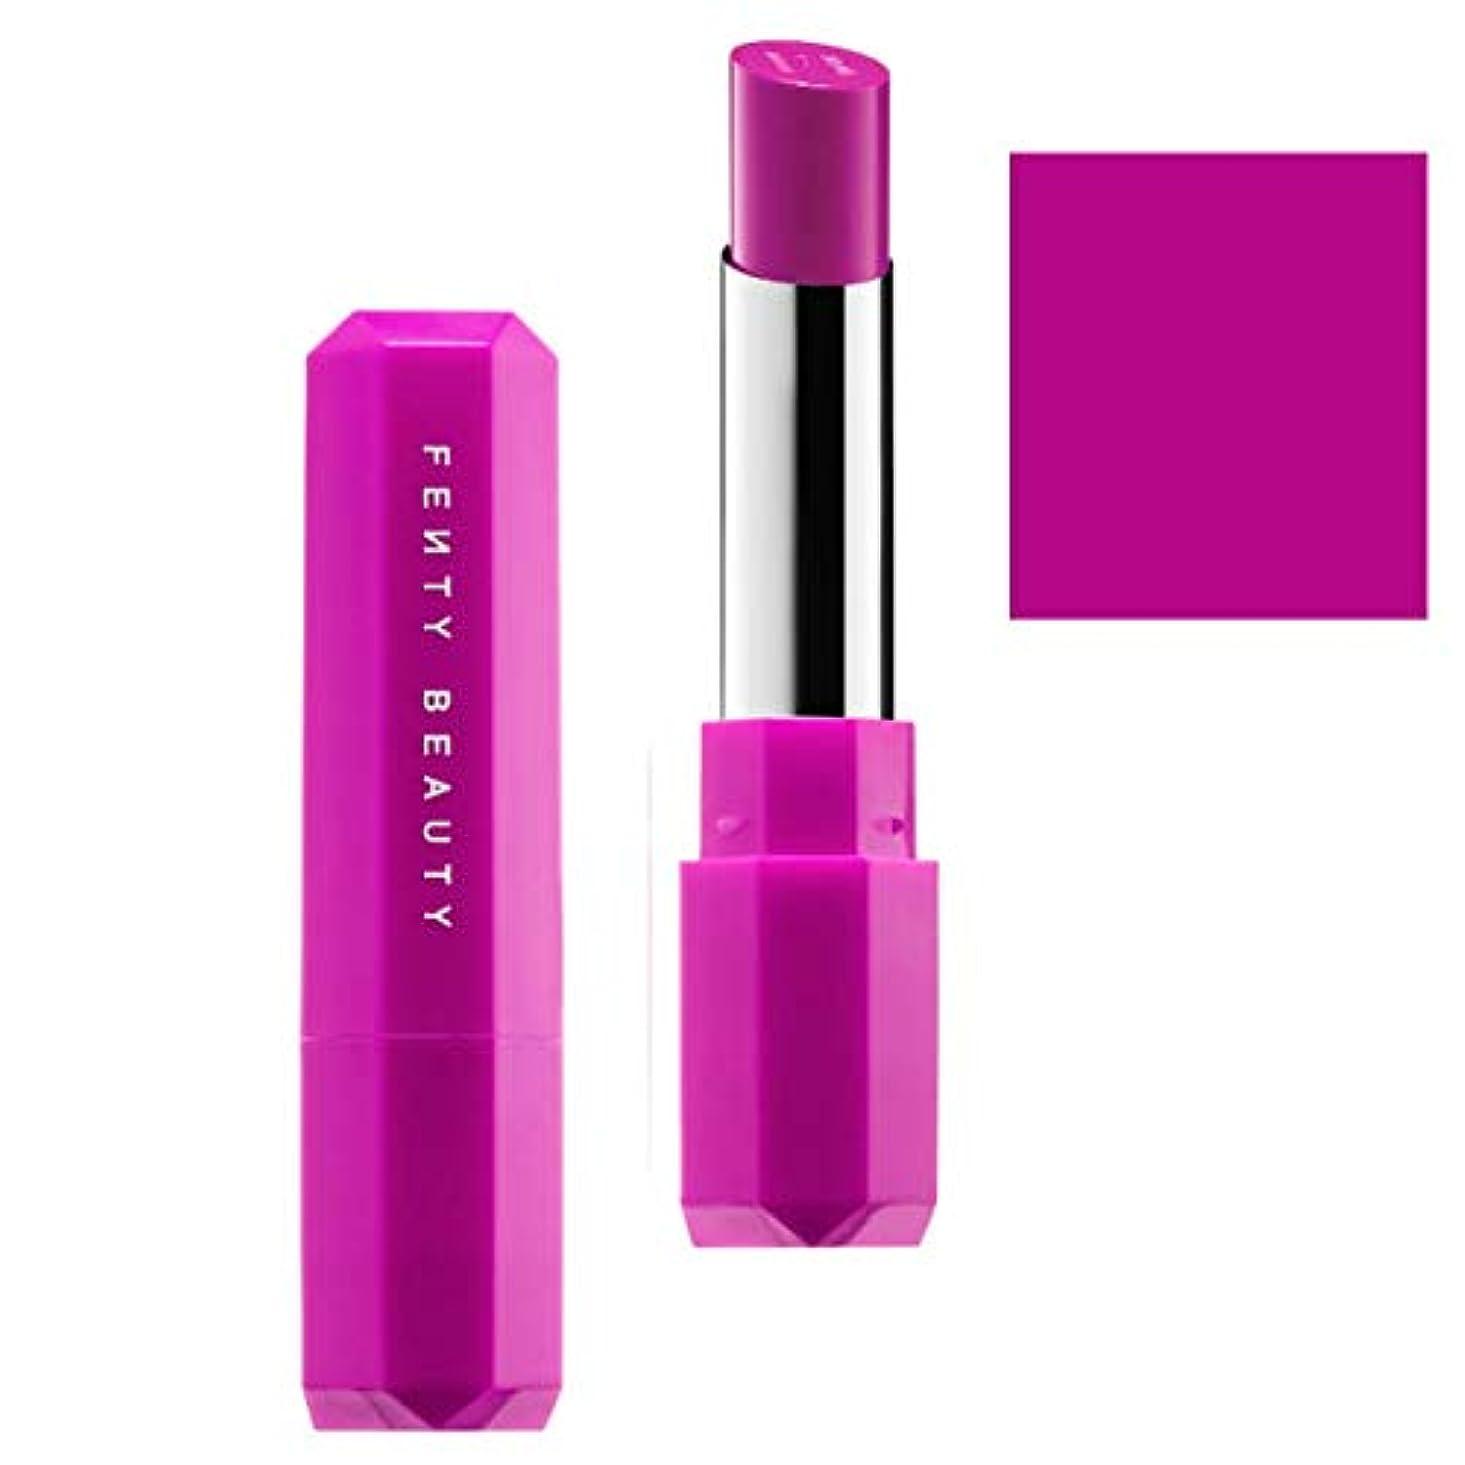 思春期もっとメタンFENTY BEAUTY BY RIHANNA,New!!, 限定版 limited-edition, Poutsicle Juicy Satin Lipstick - Purpcicle [海外直送品] [並行輸入品]